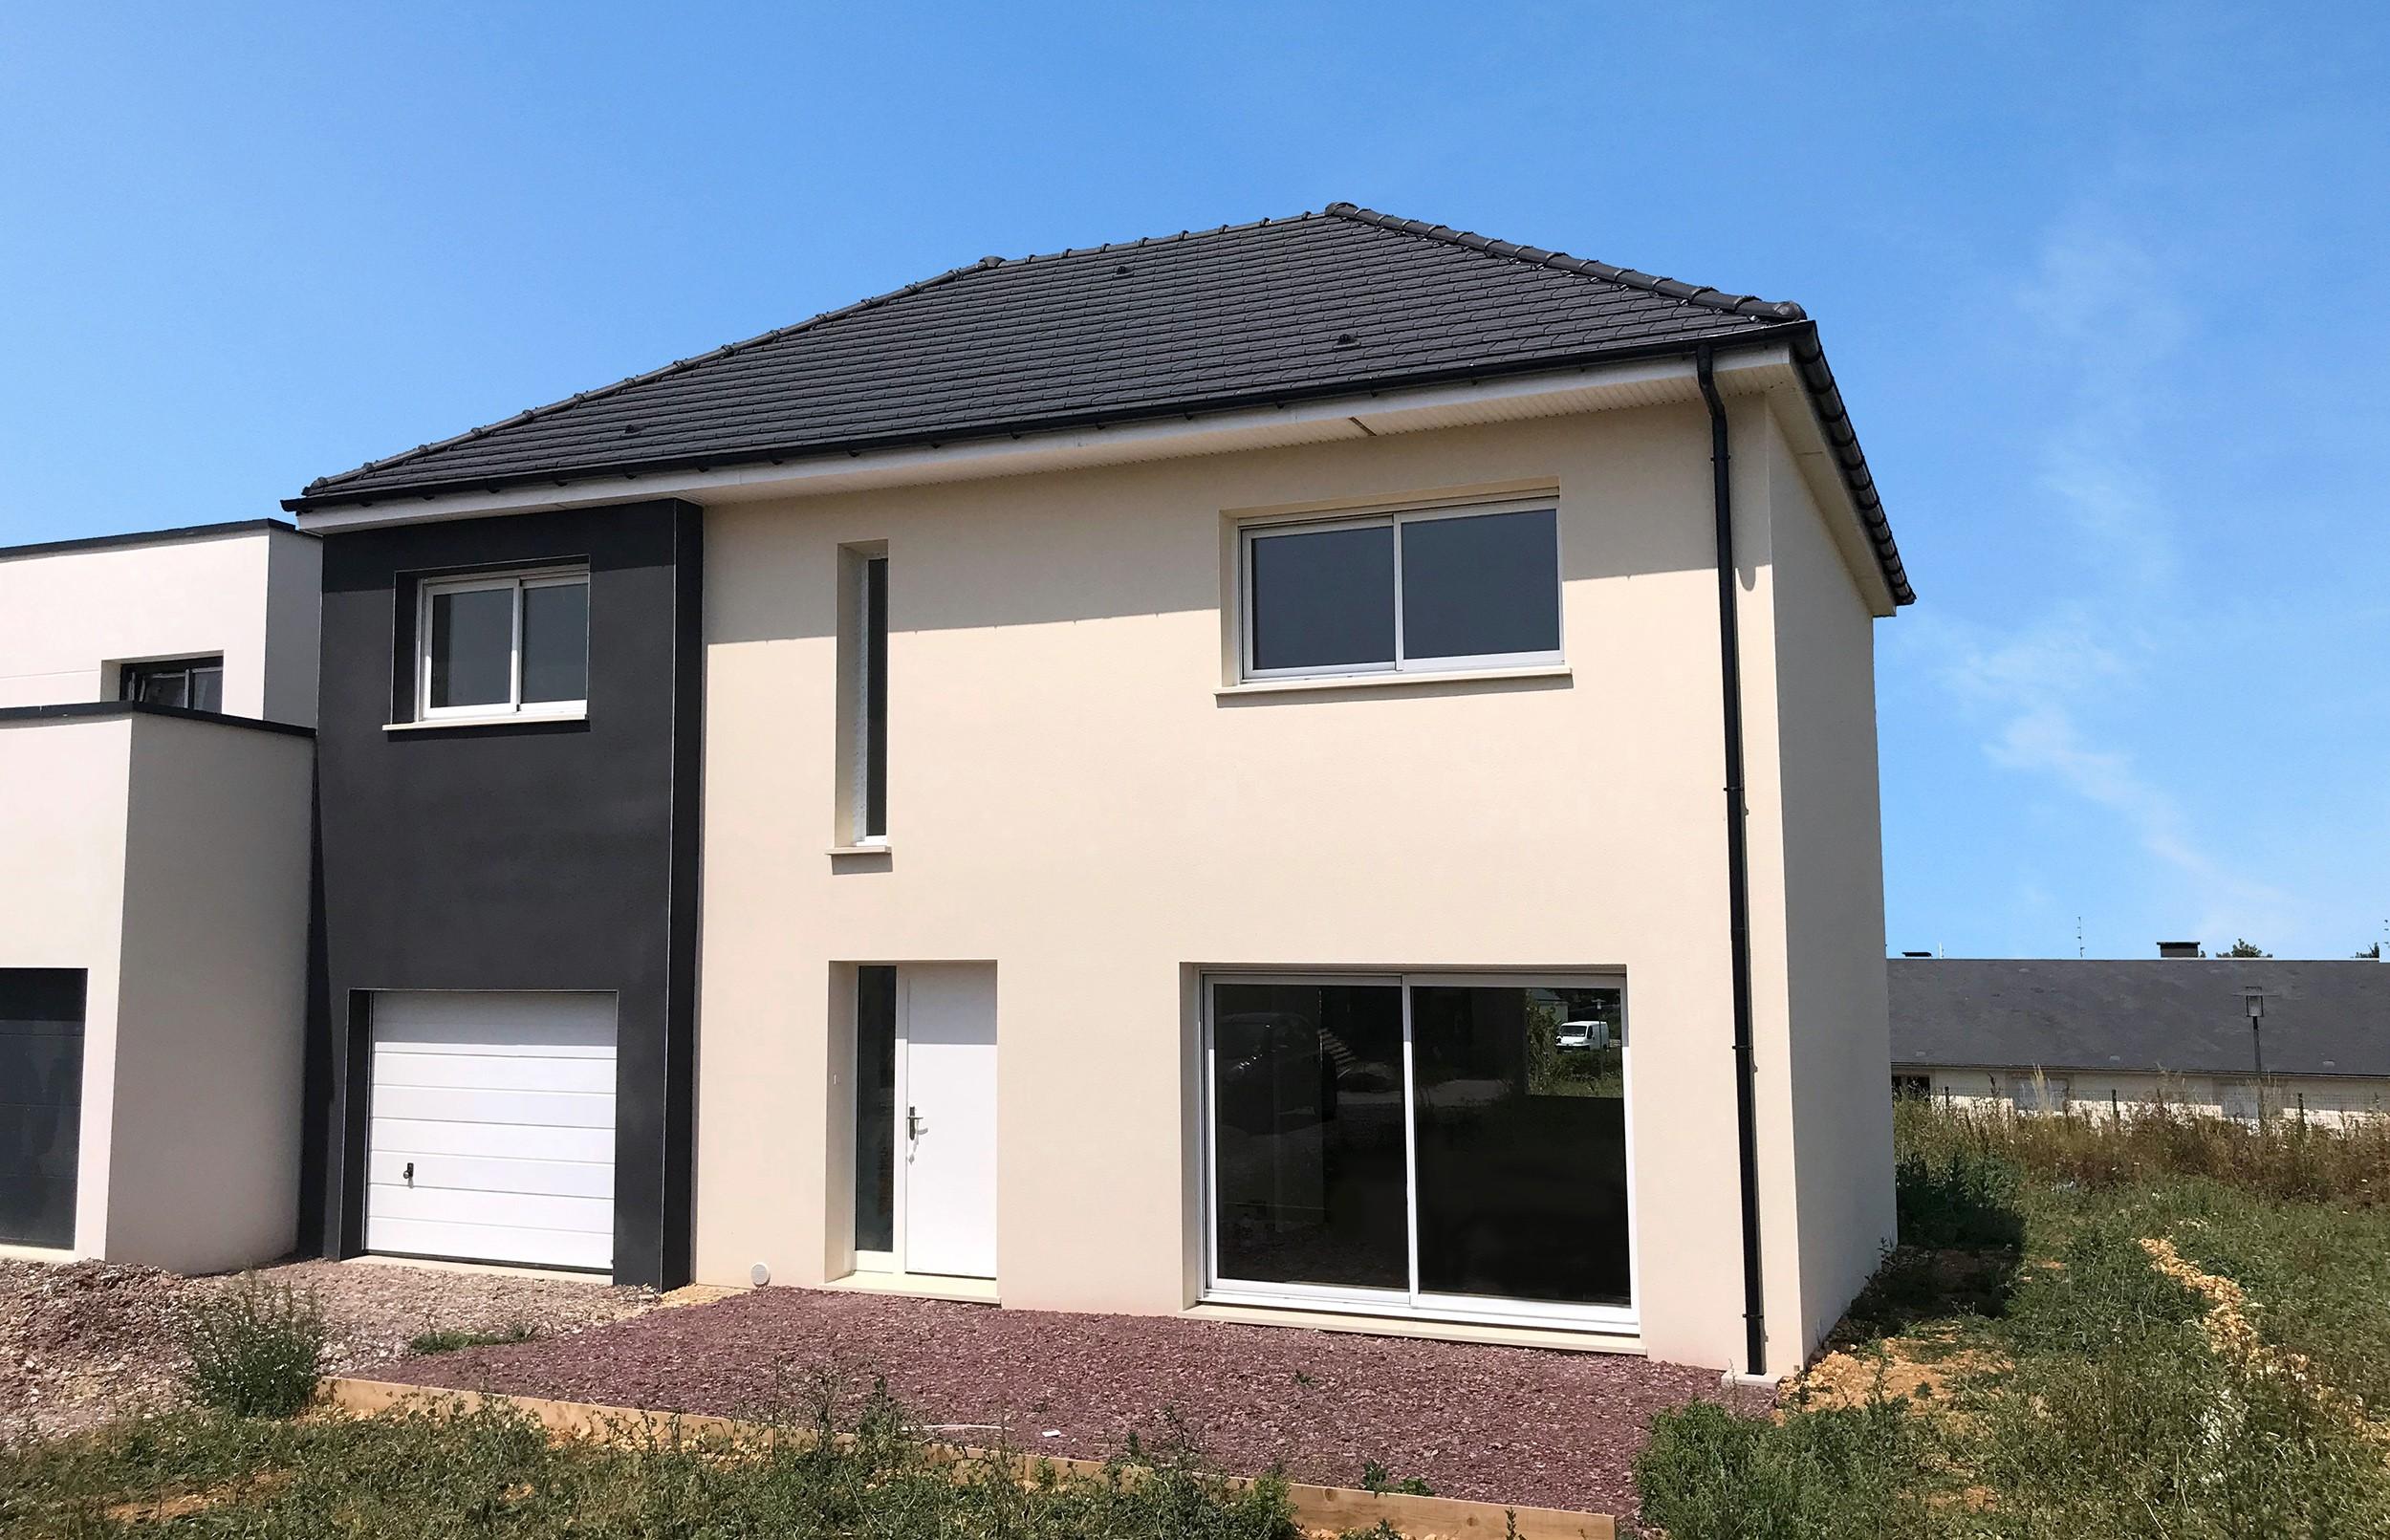 Maisons + Terrains du constructeur MAISON CASTOR • 103 m² • TILLY SUR SEULLES